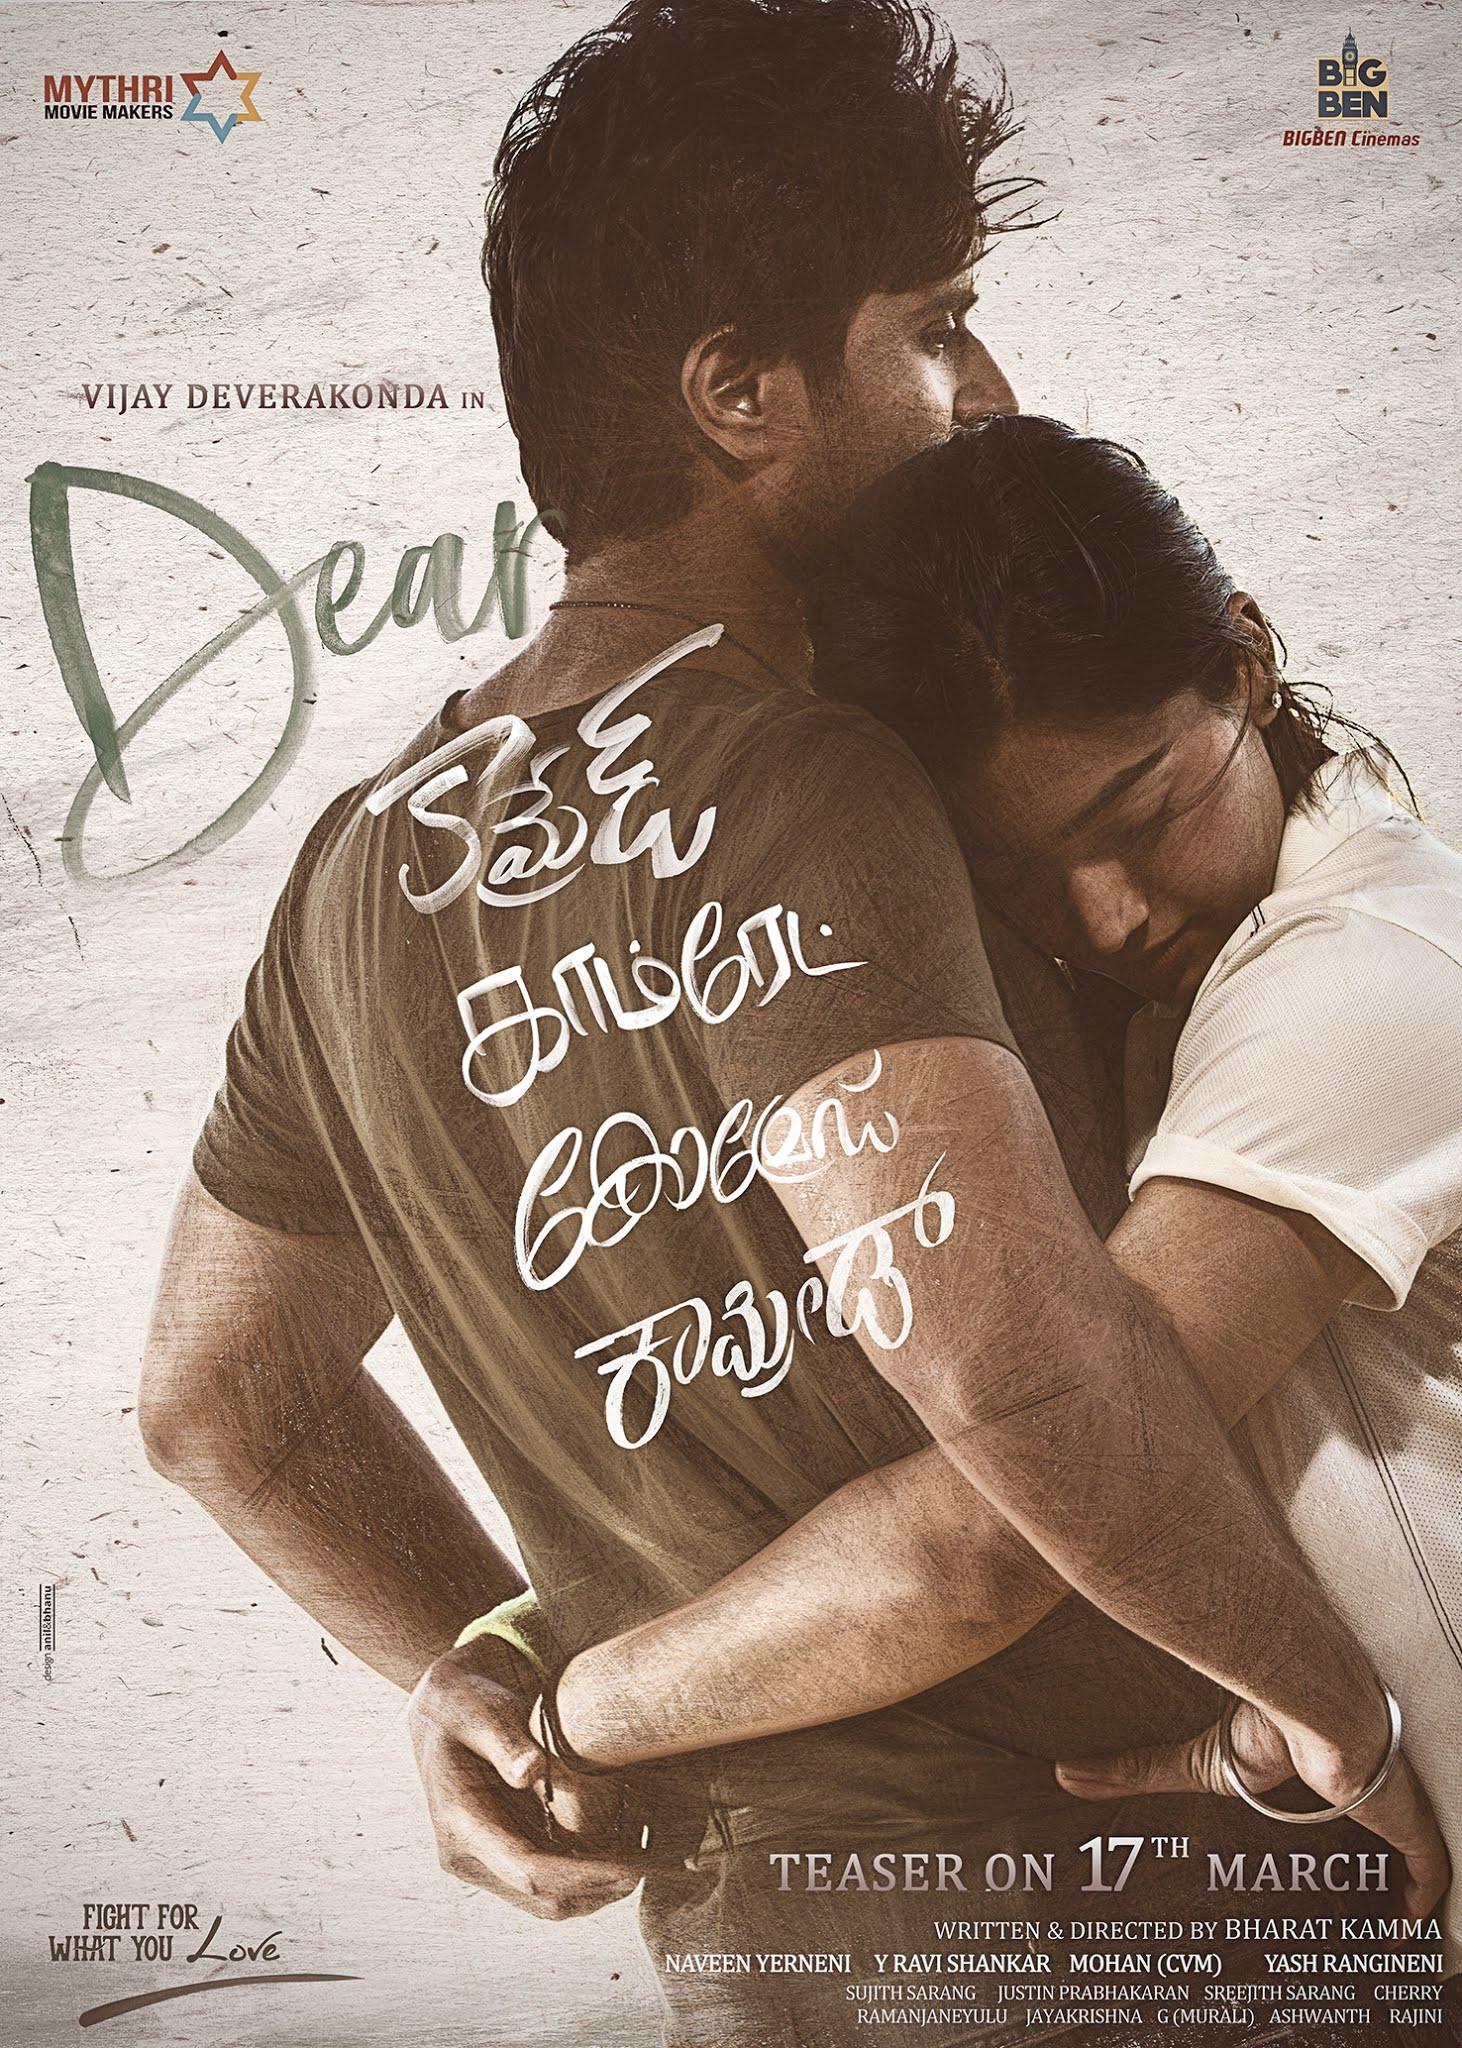 Vijay Deverakonda Dear Comrade Movie Teaser from March 17th